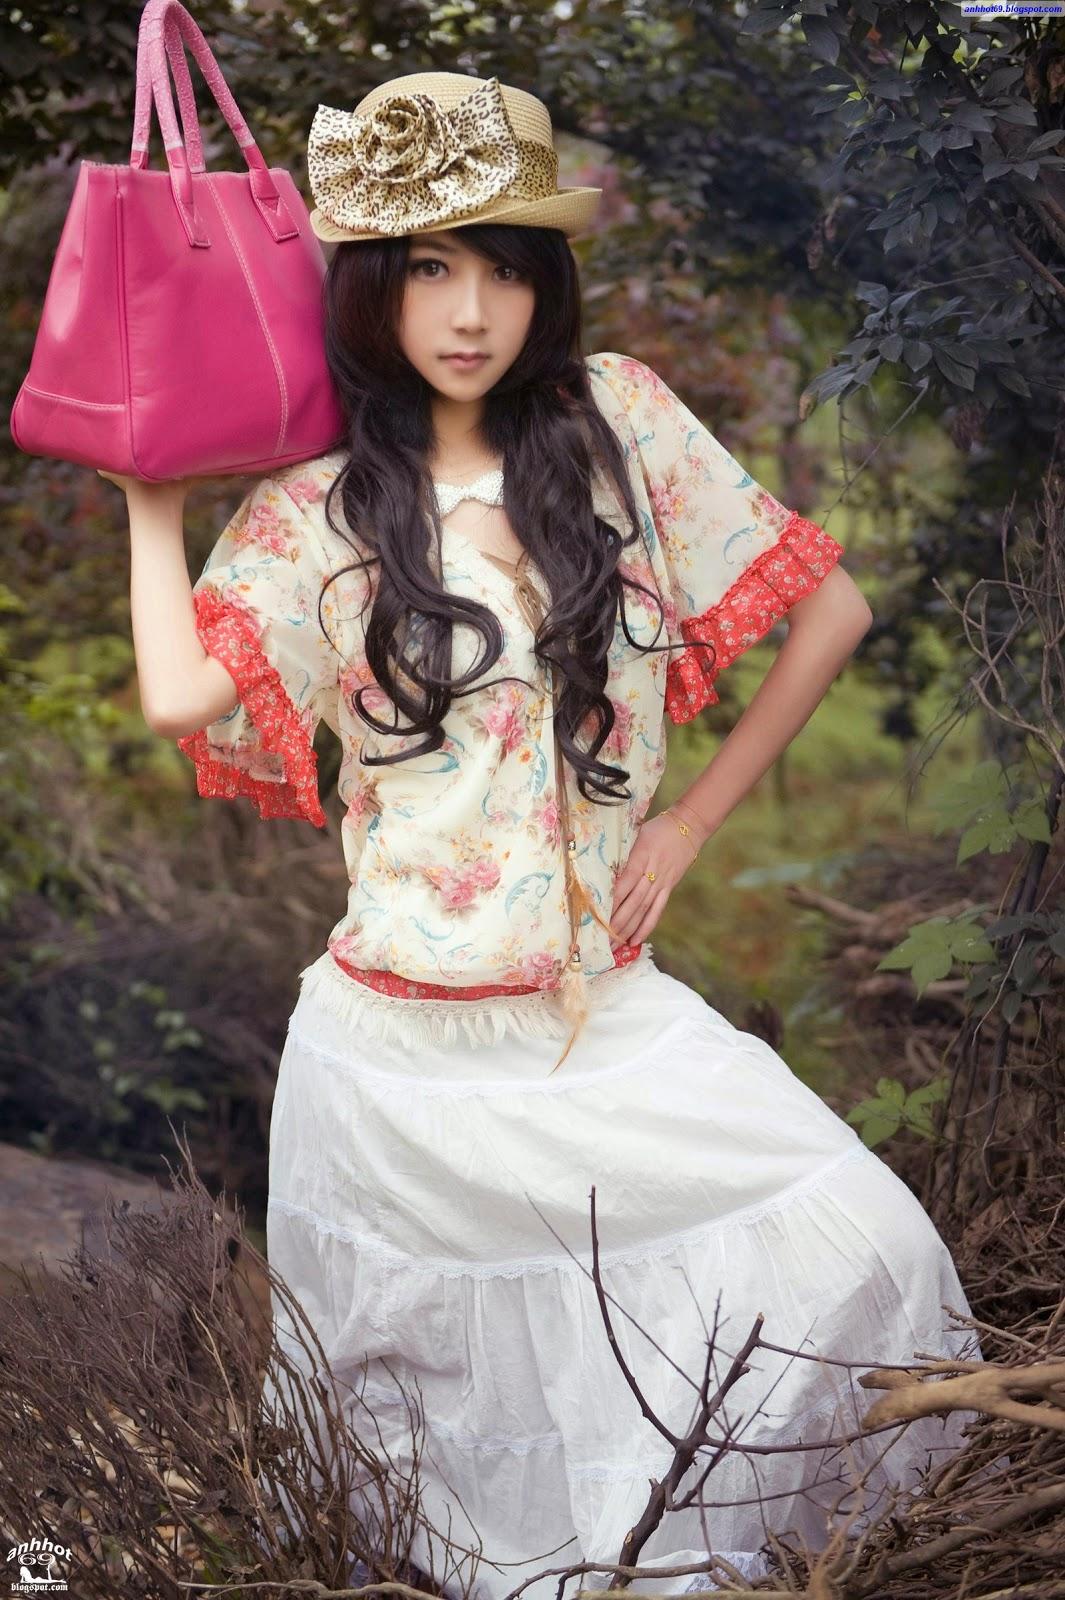 Vivi_Xia_Xiaowei_5247515_201307102023470148